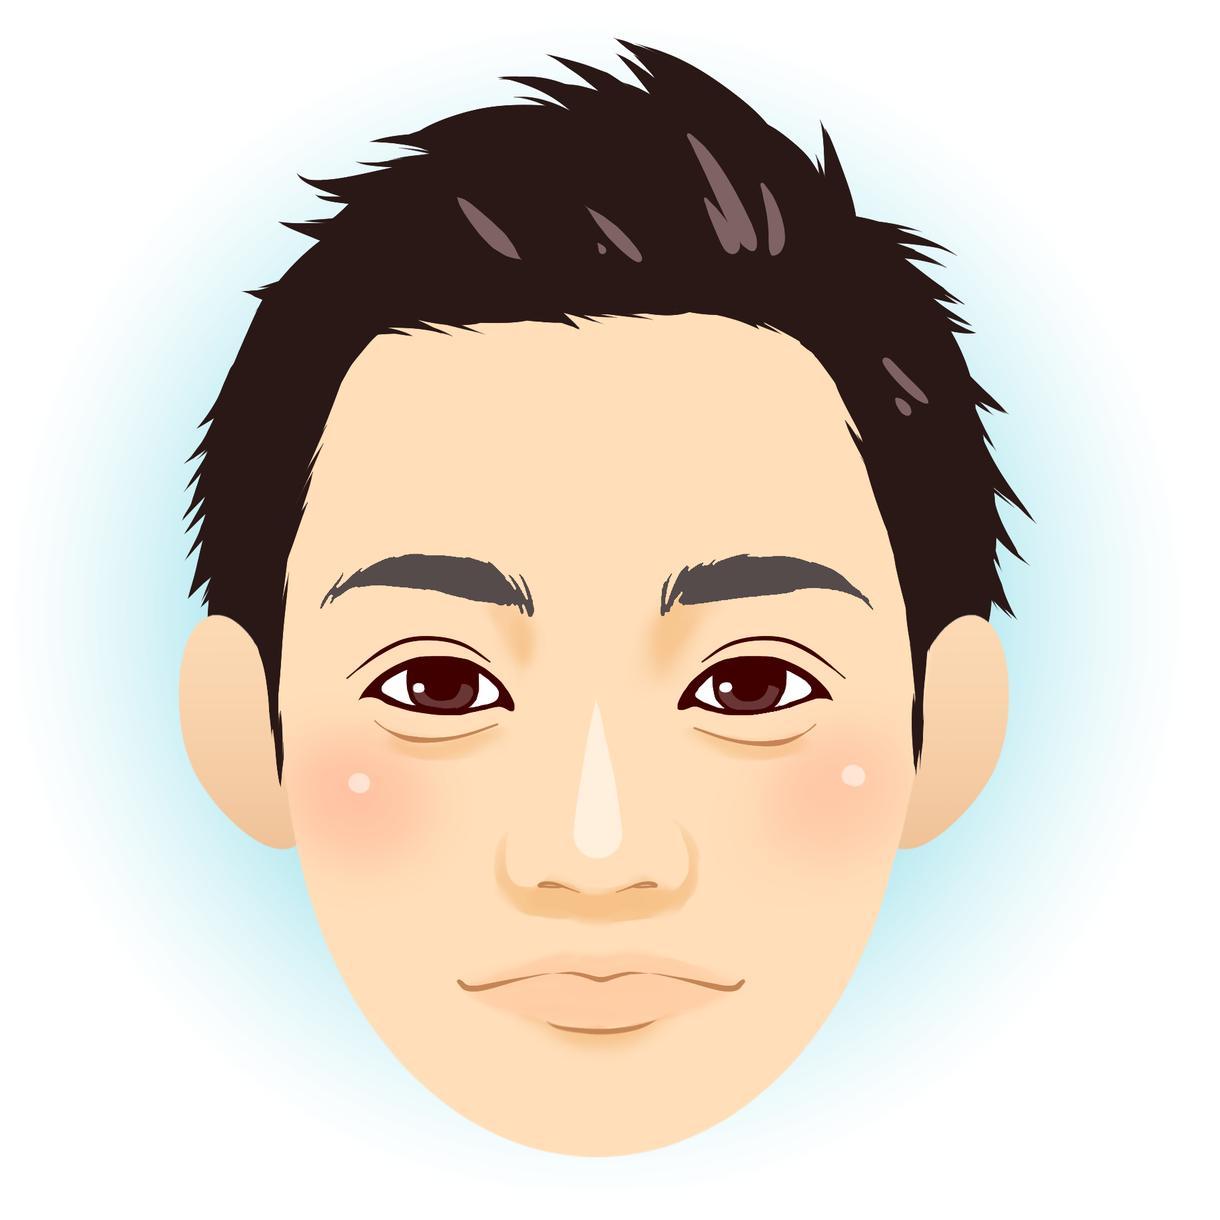 デジタルでマットな似顔絵お描きします ビジネスからプライベートまで!幅広くご活用いただけます!